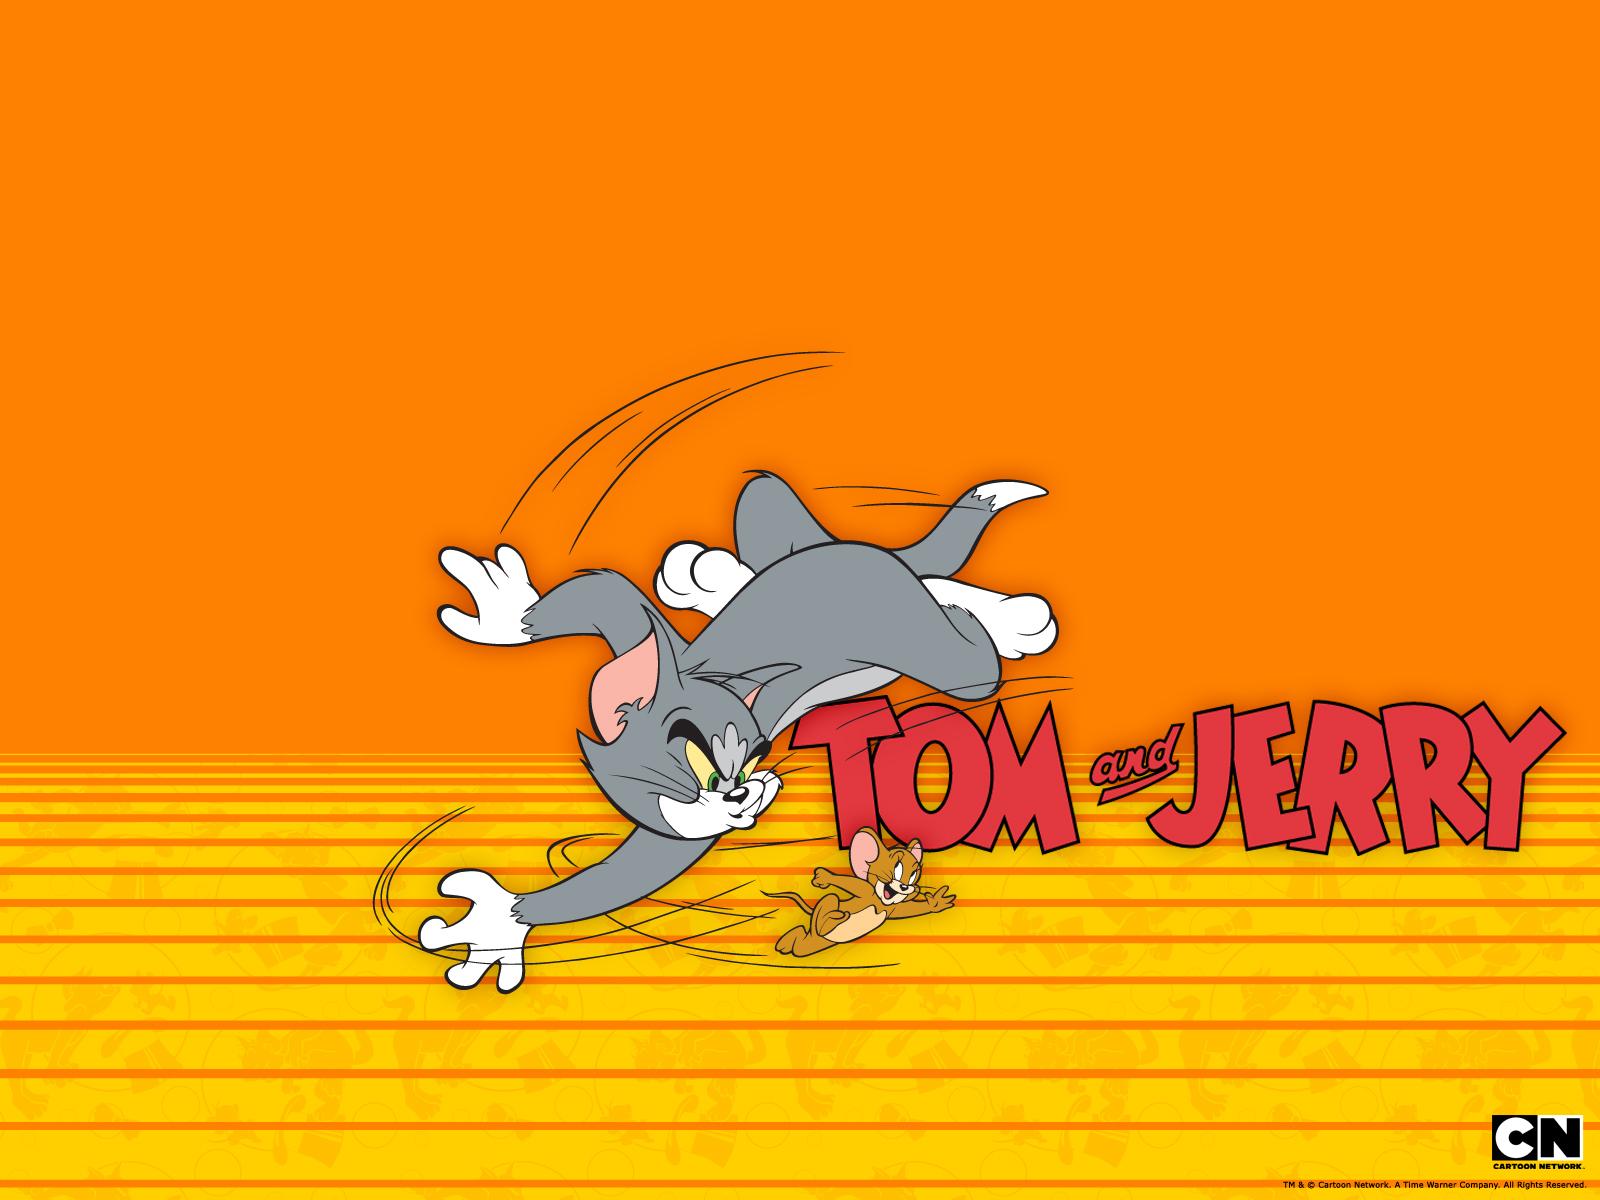 Tom And Jerry Cartoon HD Pics 3 | Top Web Pics